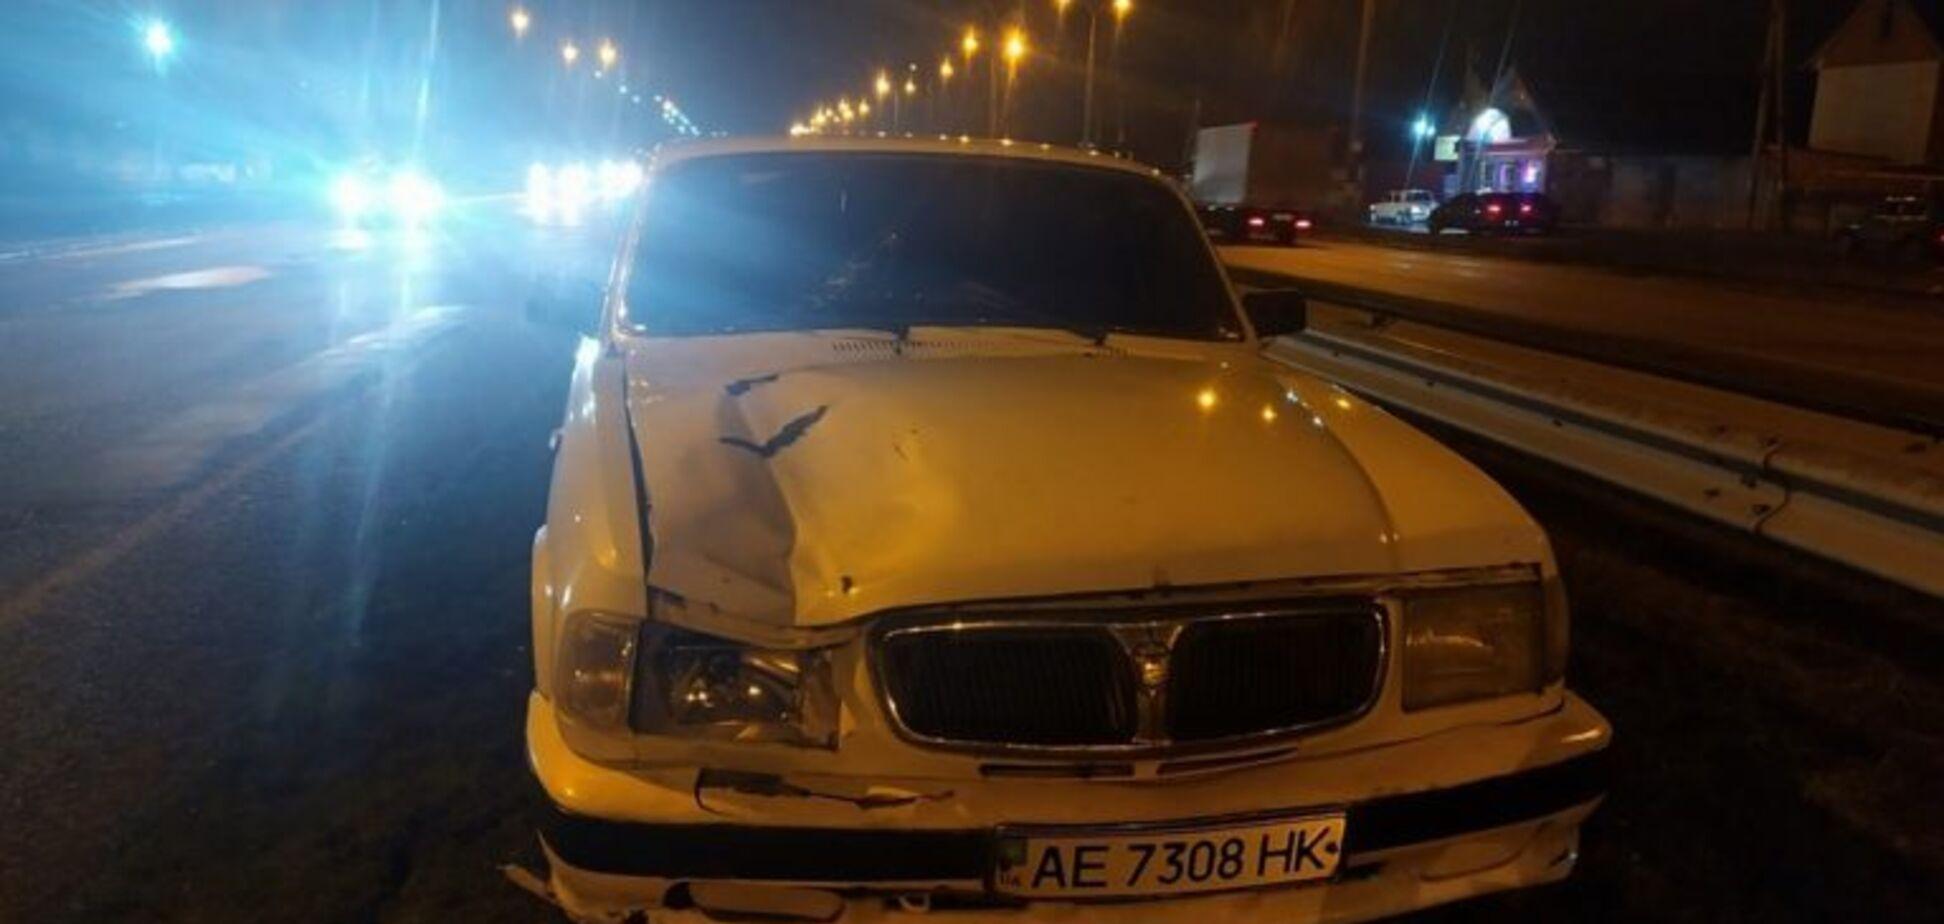 Під Дніпром чоловіка збили на пішохідному переході: потерпілий помер в лікарні